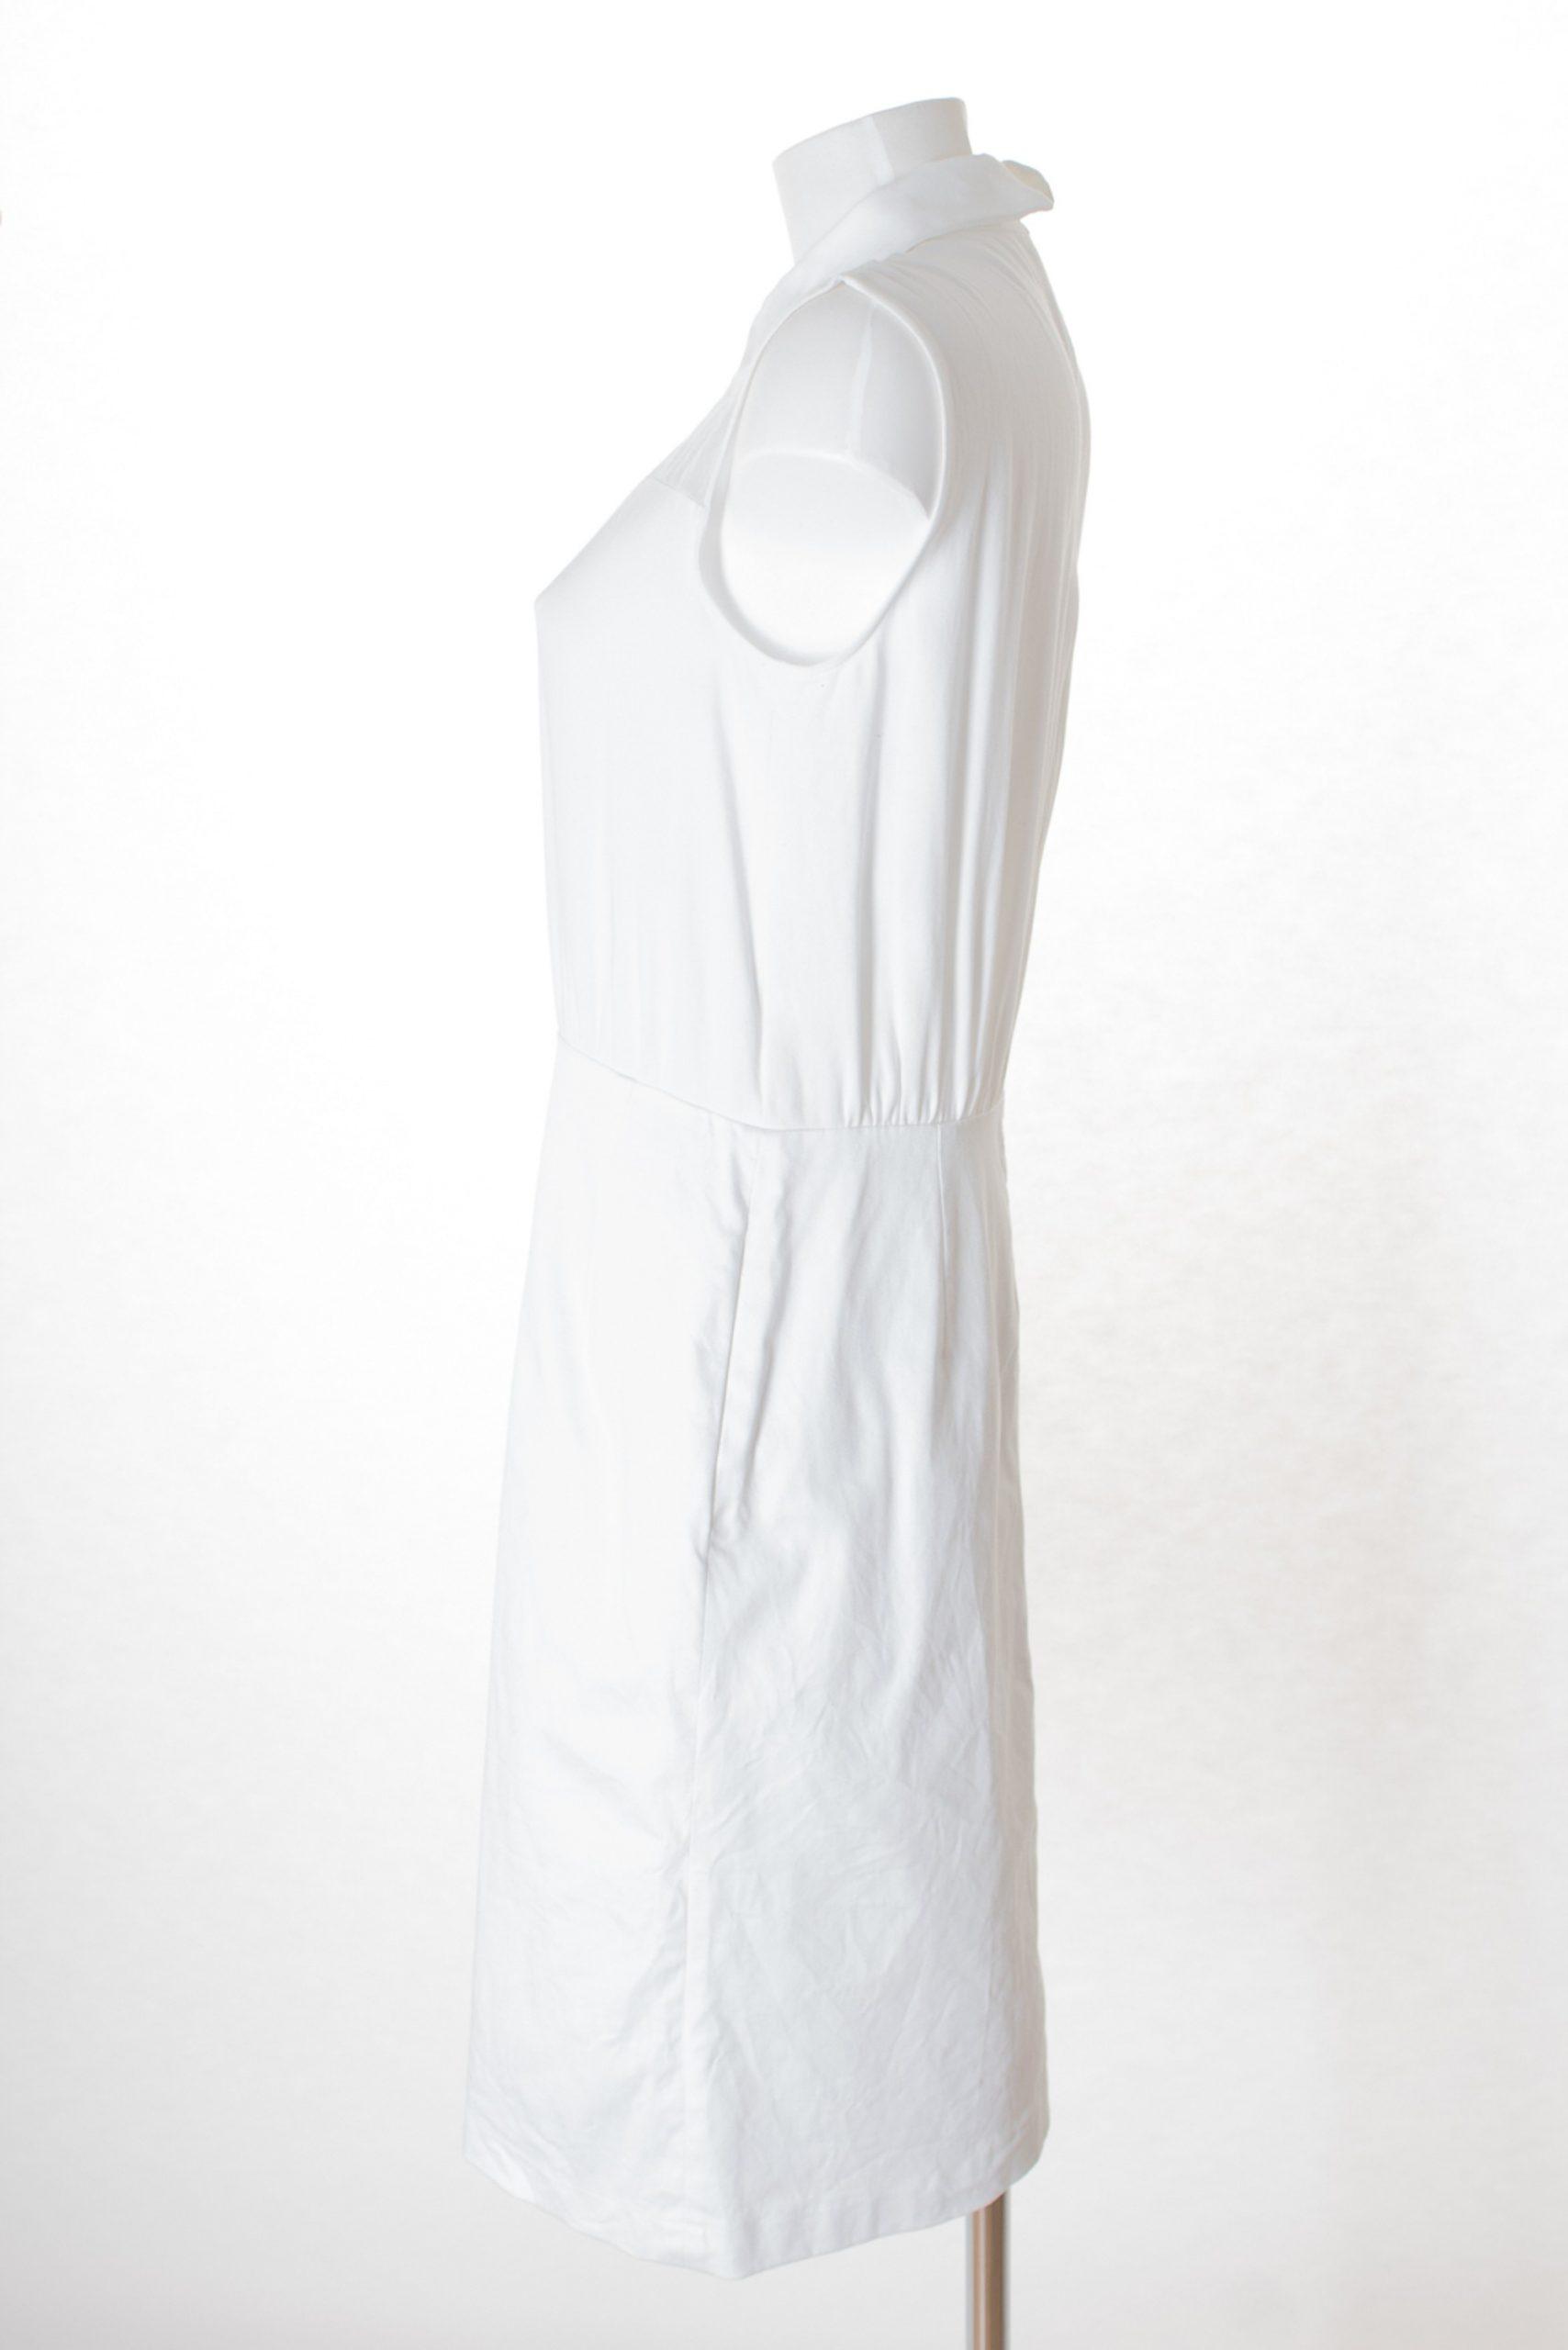 Designer Wunderbar Sommerkleider Größe 52 Vertrieb17 Einzigartig Sommerkleider Größe 52 Bester Preis